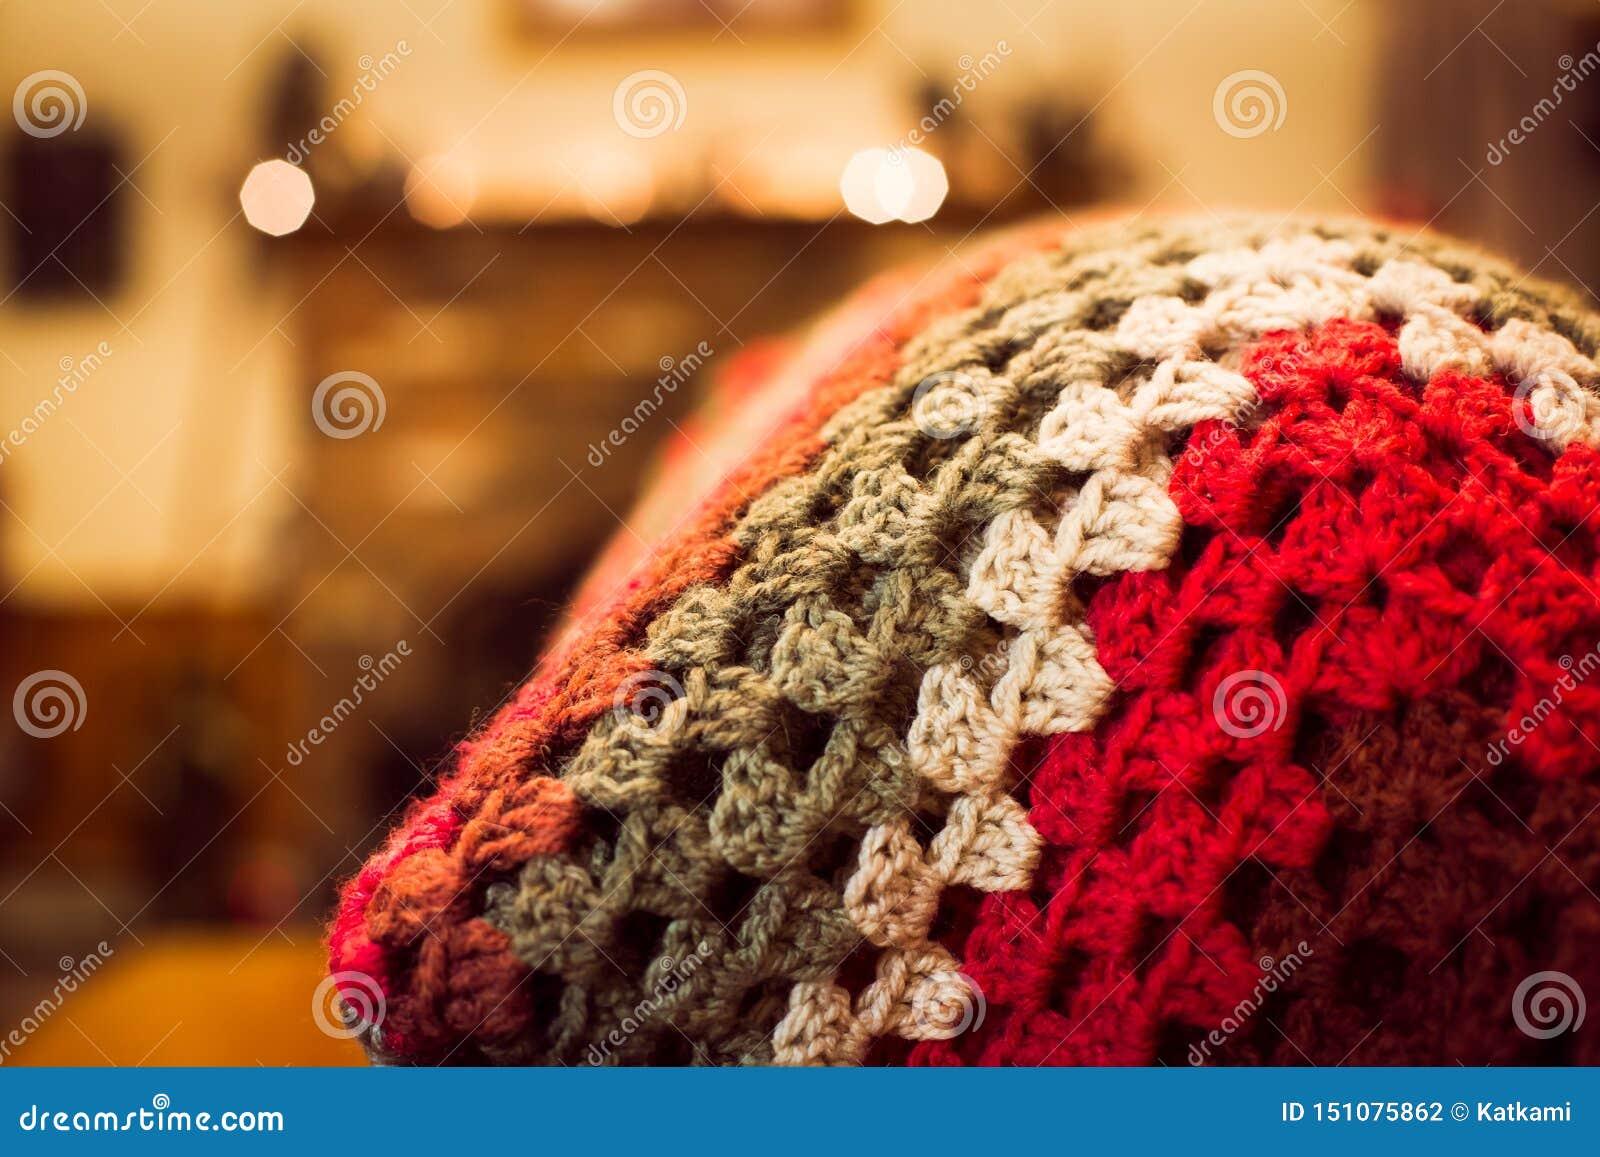 Gestemd rood haakt deken op de rug van een bank in een familieruimte